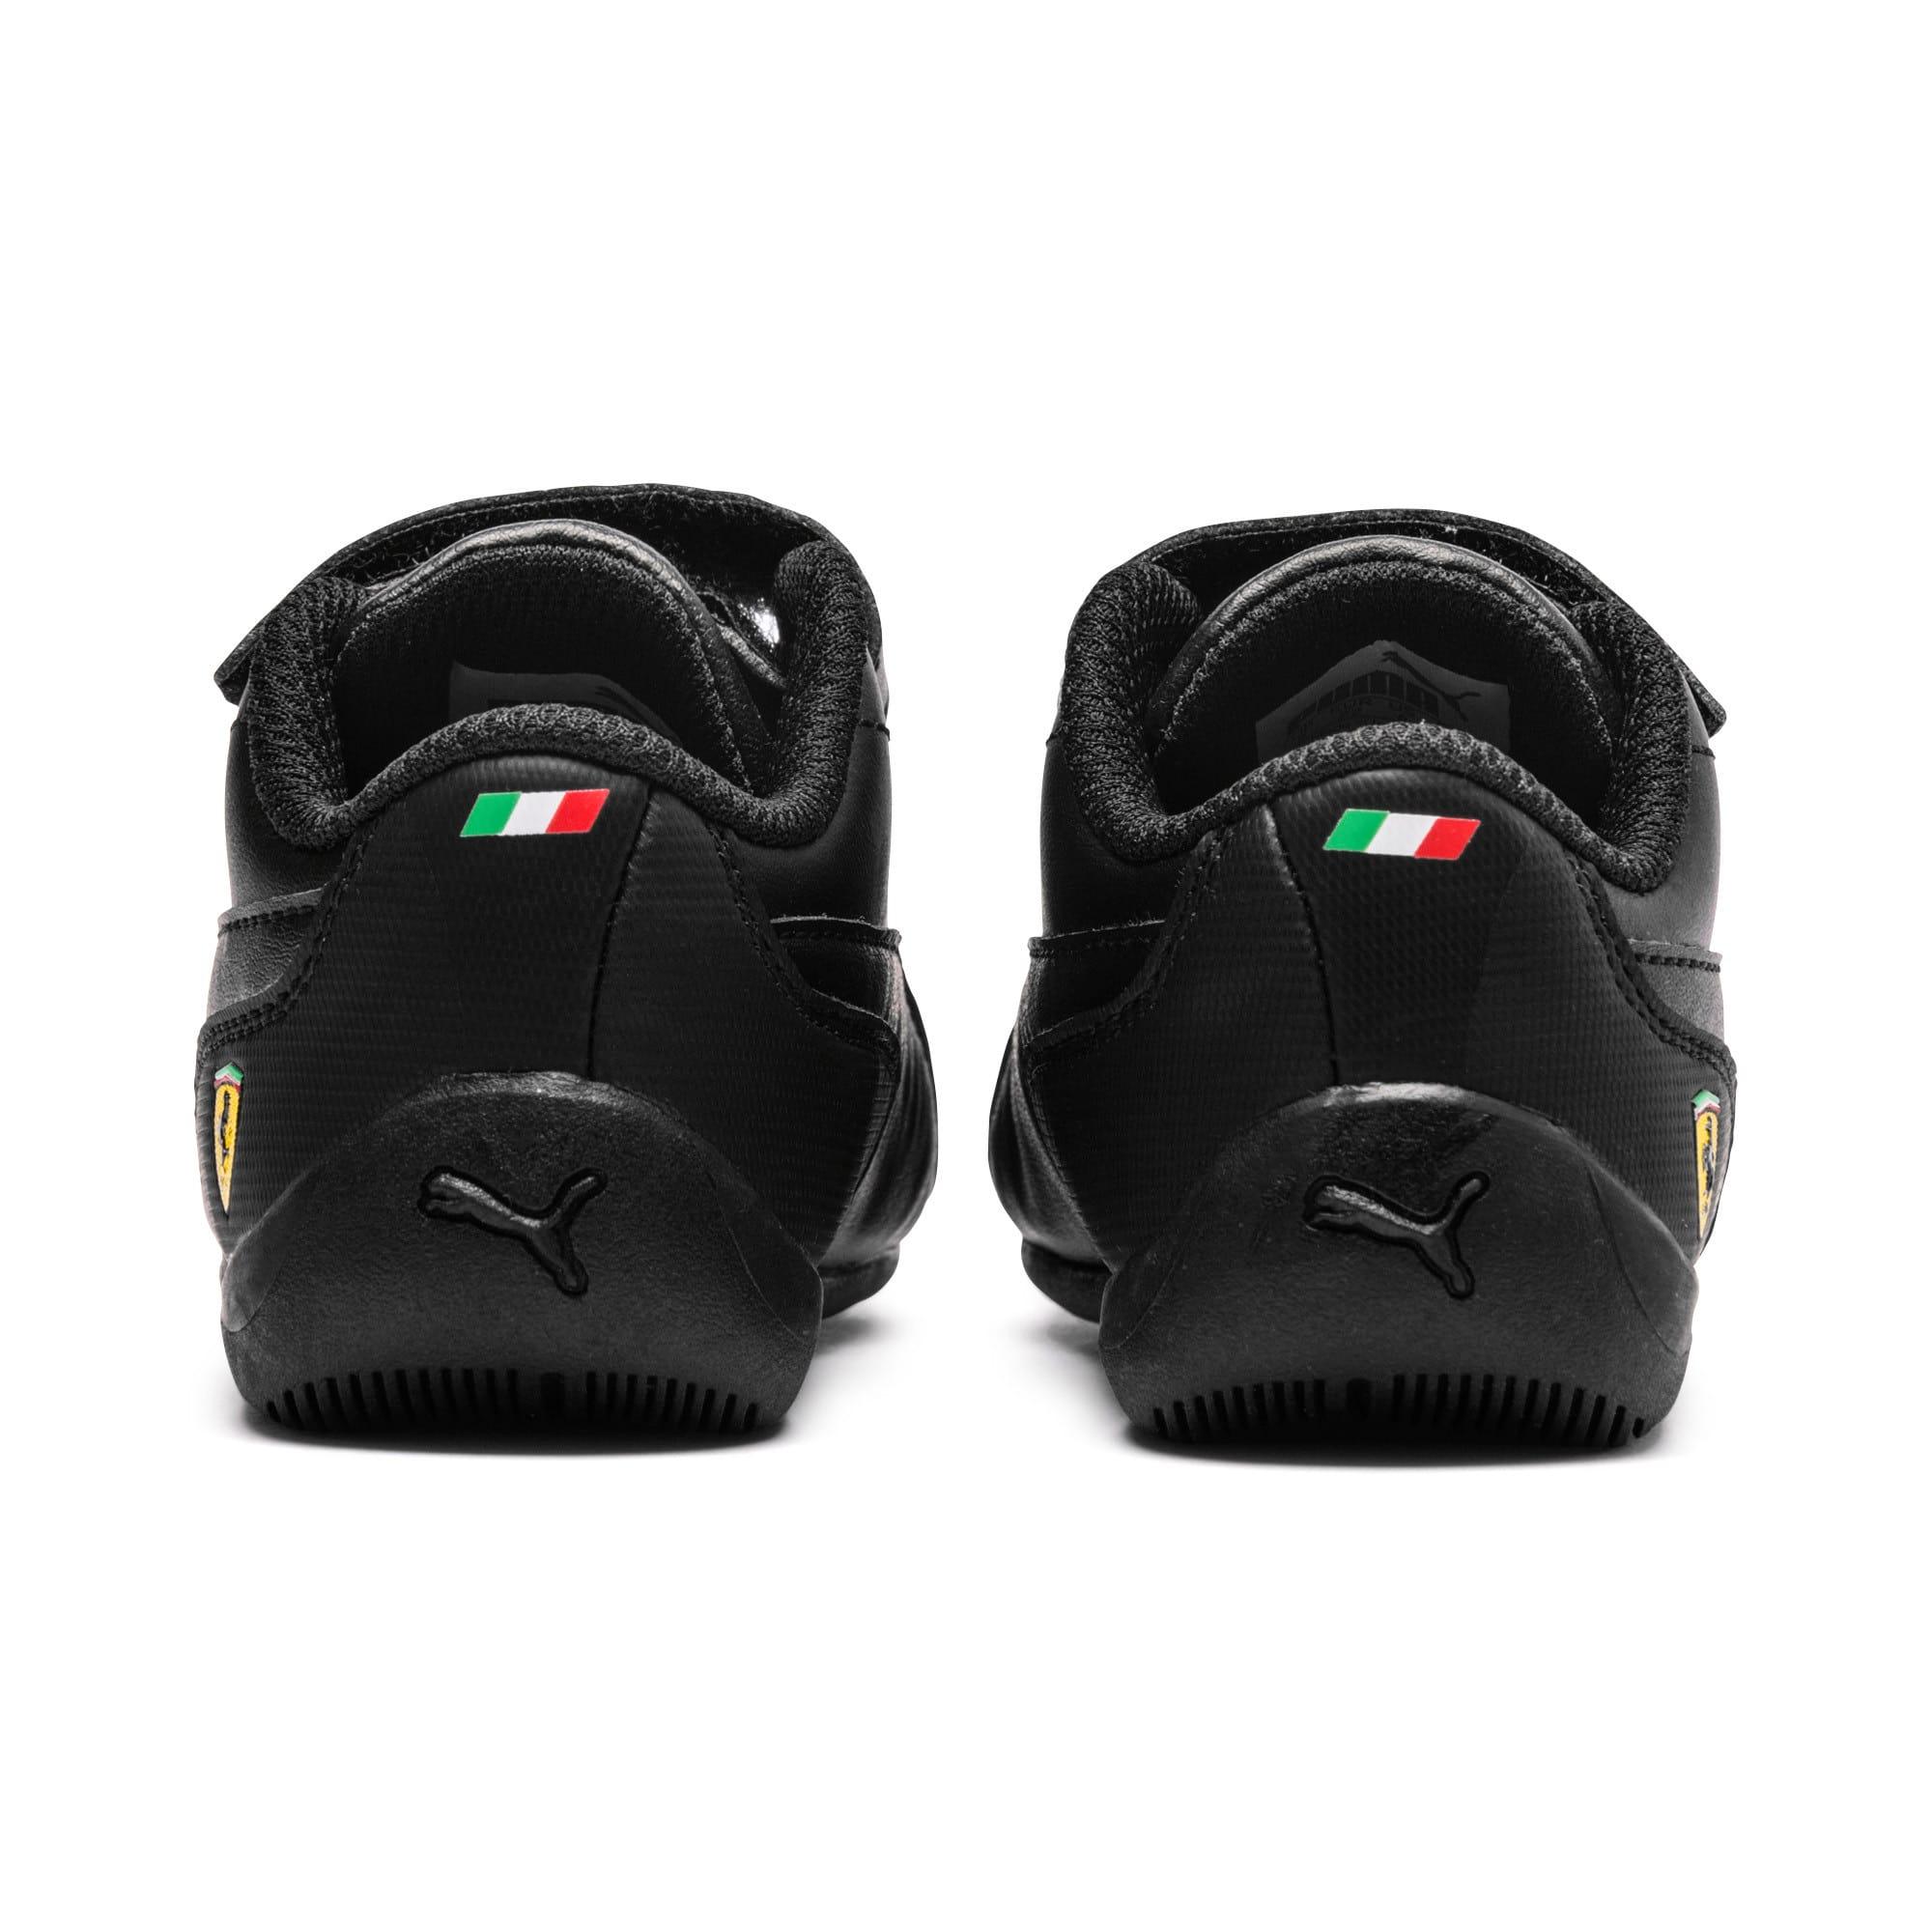 Thumbnail 3 of Ferrari Drift Cat 7 V Kids' Trainers, Puma Black-Puma Black, medium-IND